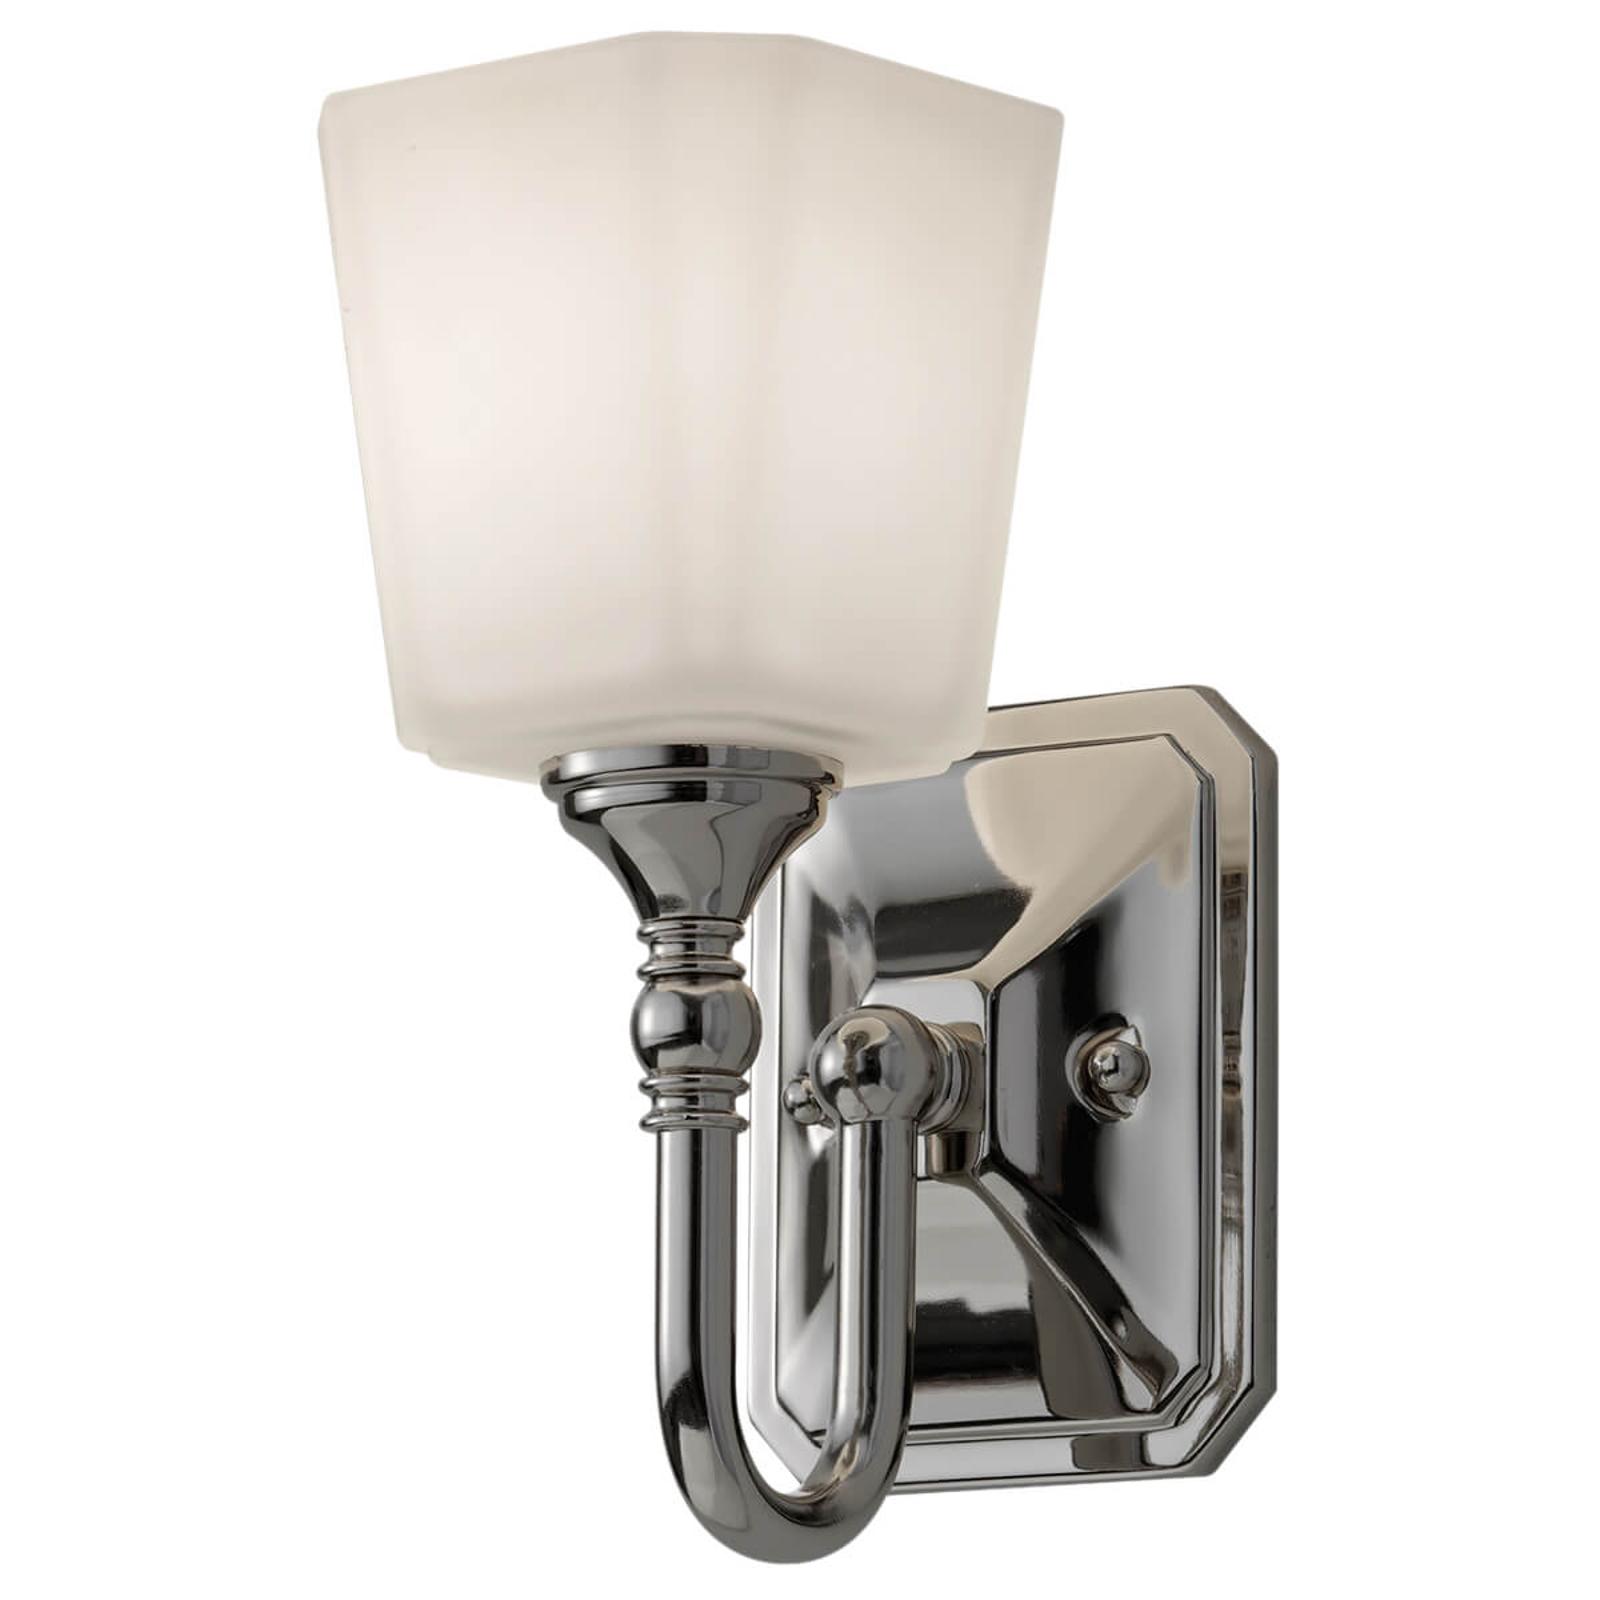 Badkamer wandlamp Concord in een klassiek ontwerp